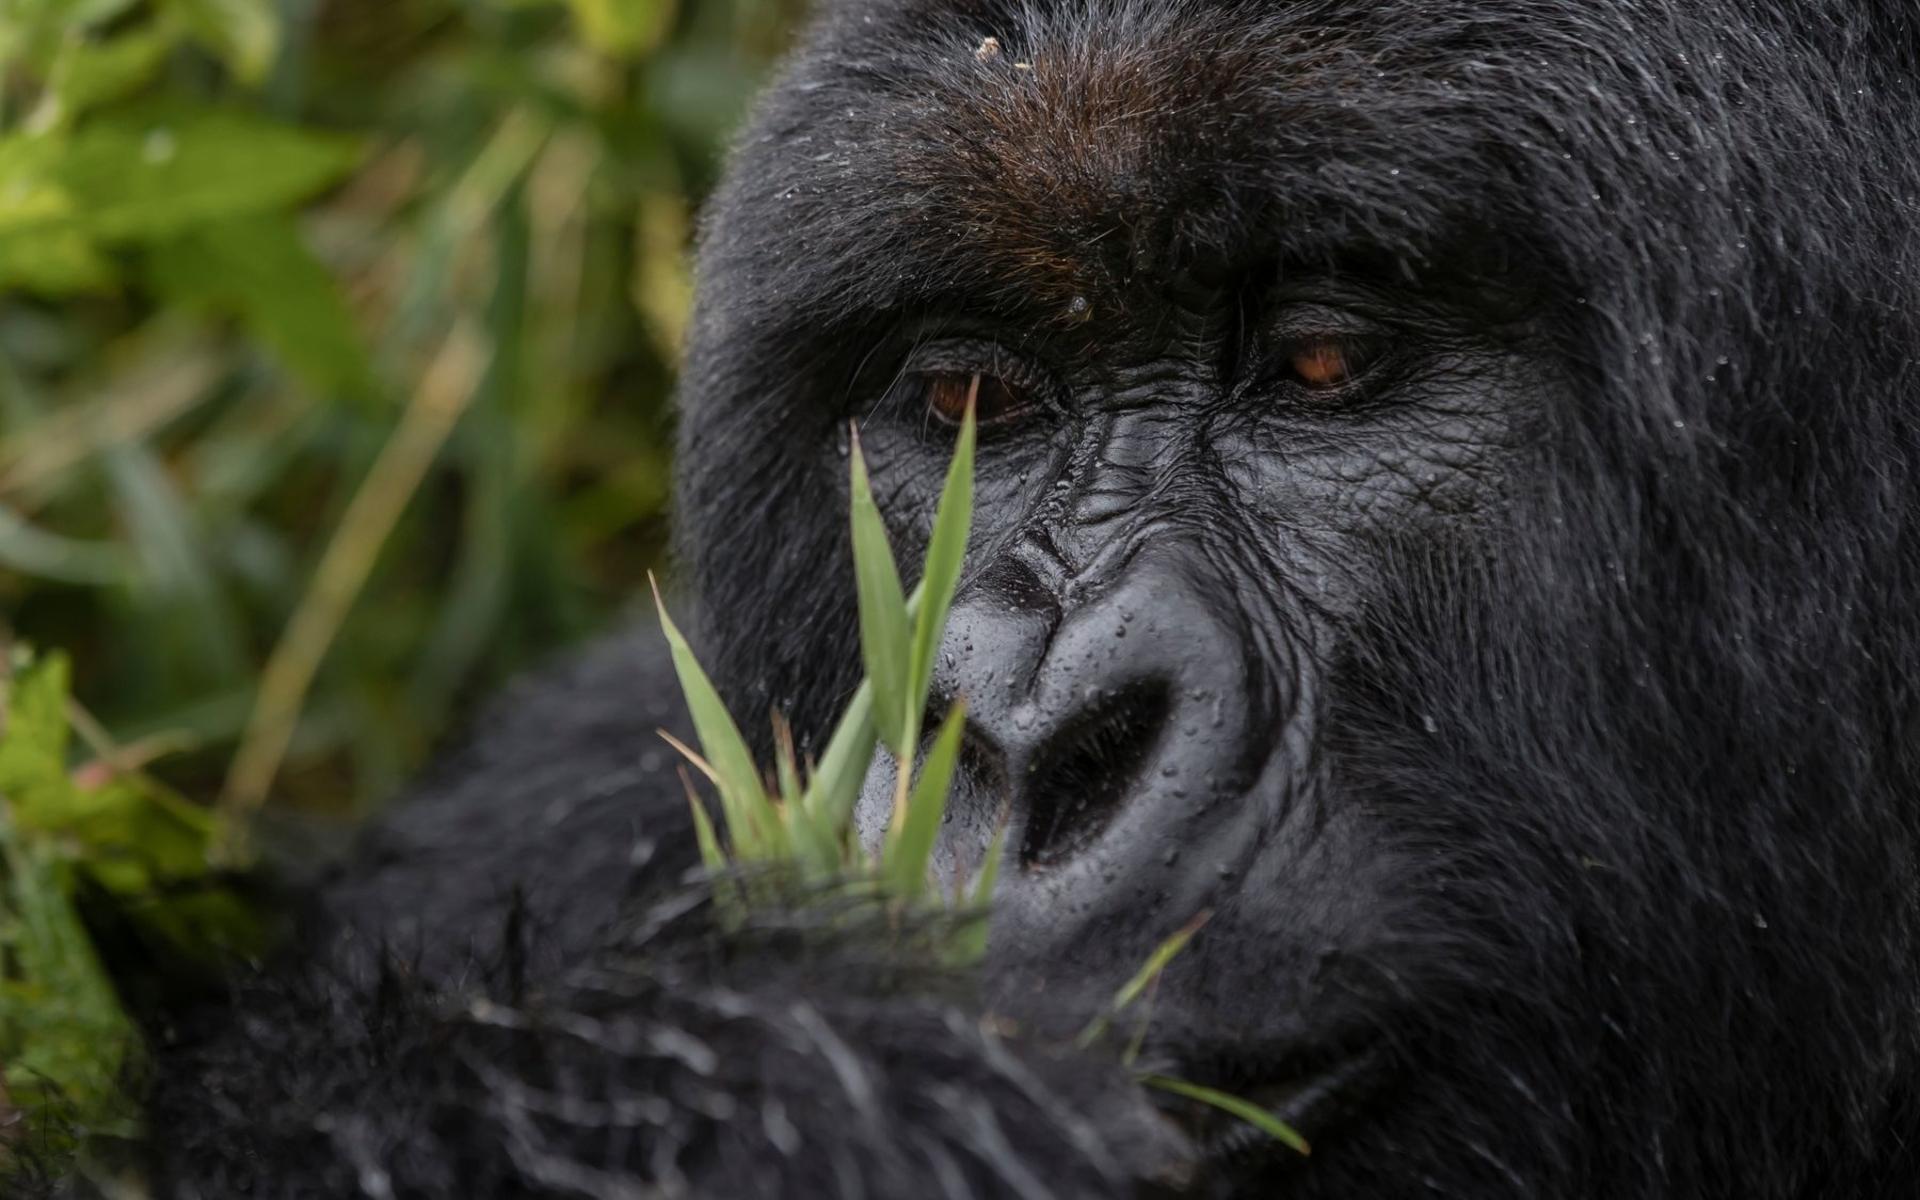 singita-kwitonda-lodge---goril